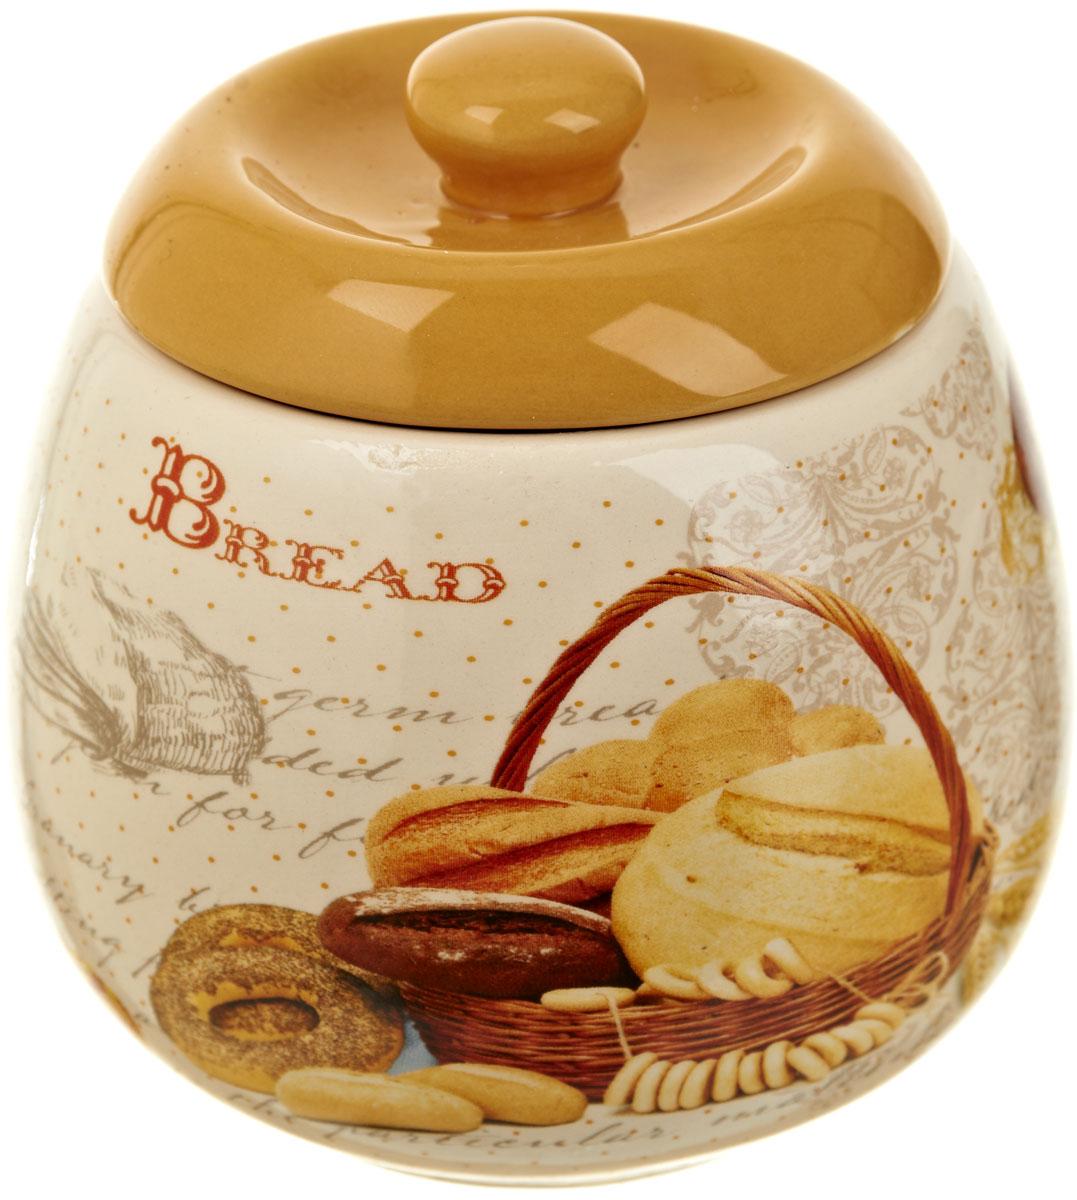 Сахарница Polystar Хлеб, 500 мл115510Сахарница Хлеб с крышкой изготовлена из высококачественной керамики и декорирована оригинальным рисунком. Емкость универсальна, подойдет как для сахара, так и для меда.